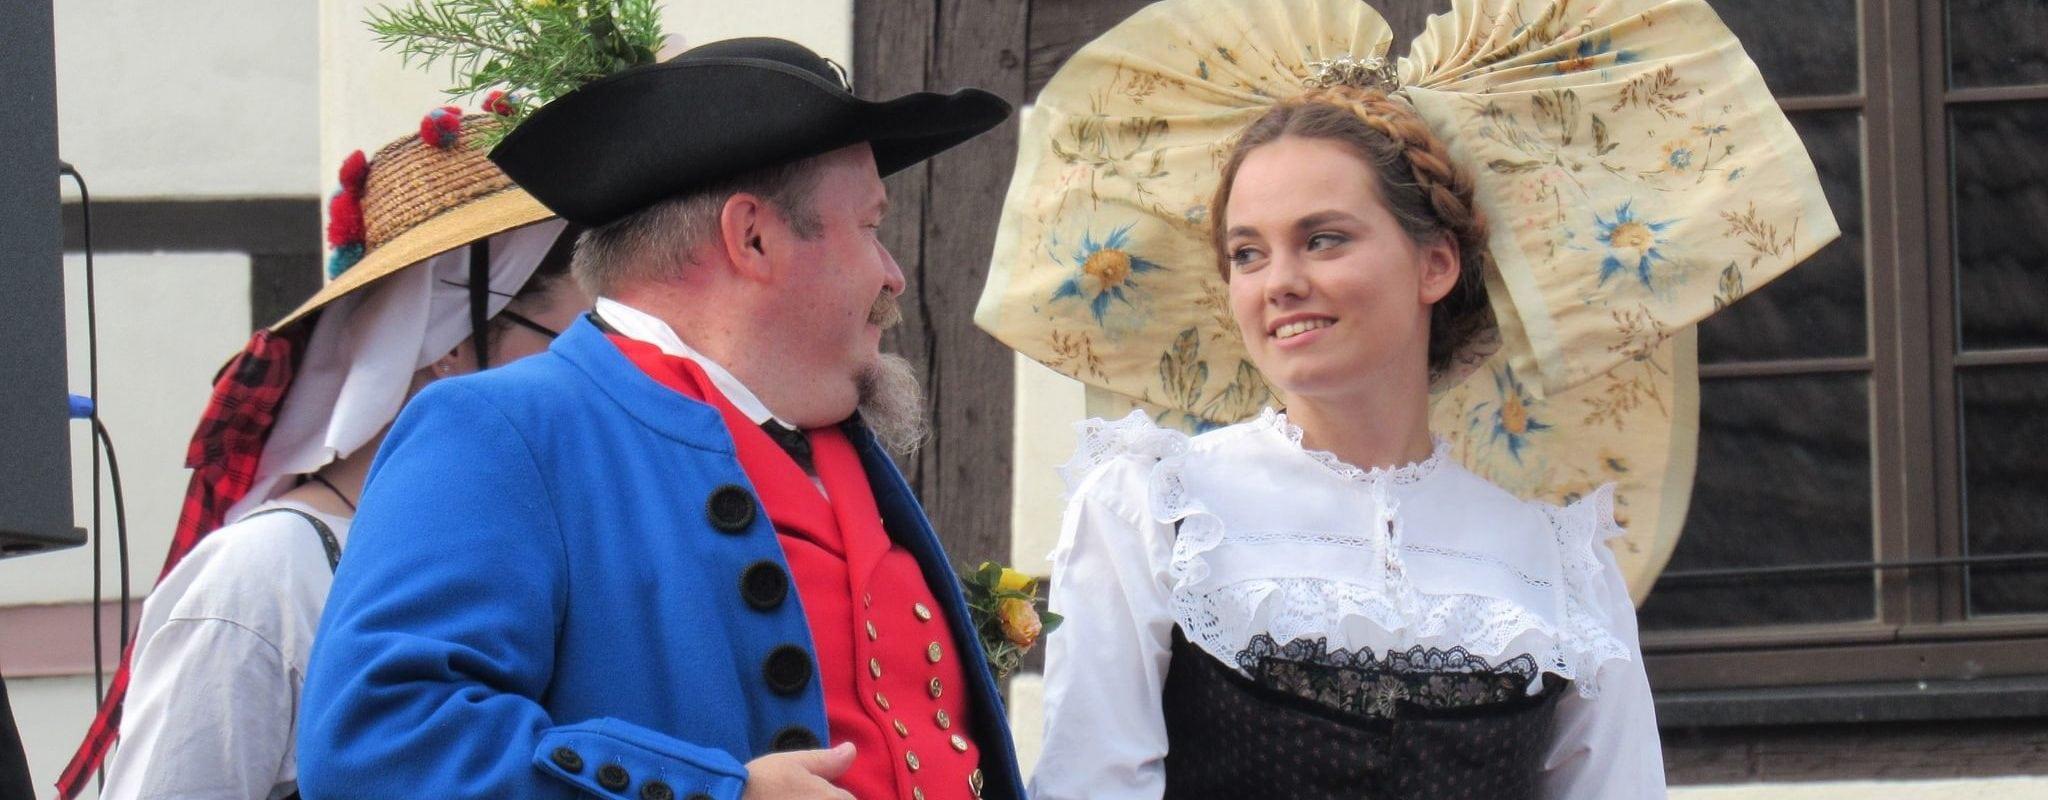 Au mariage de l'Ami Fritz à Marlenheim, à la recherche de l'identité alsacienne